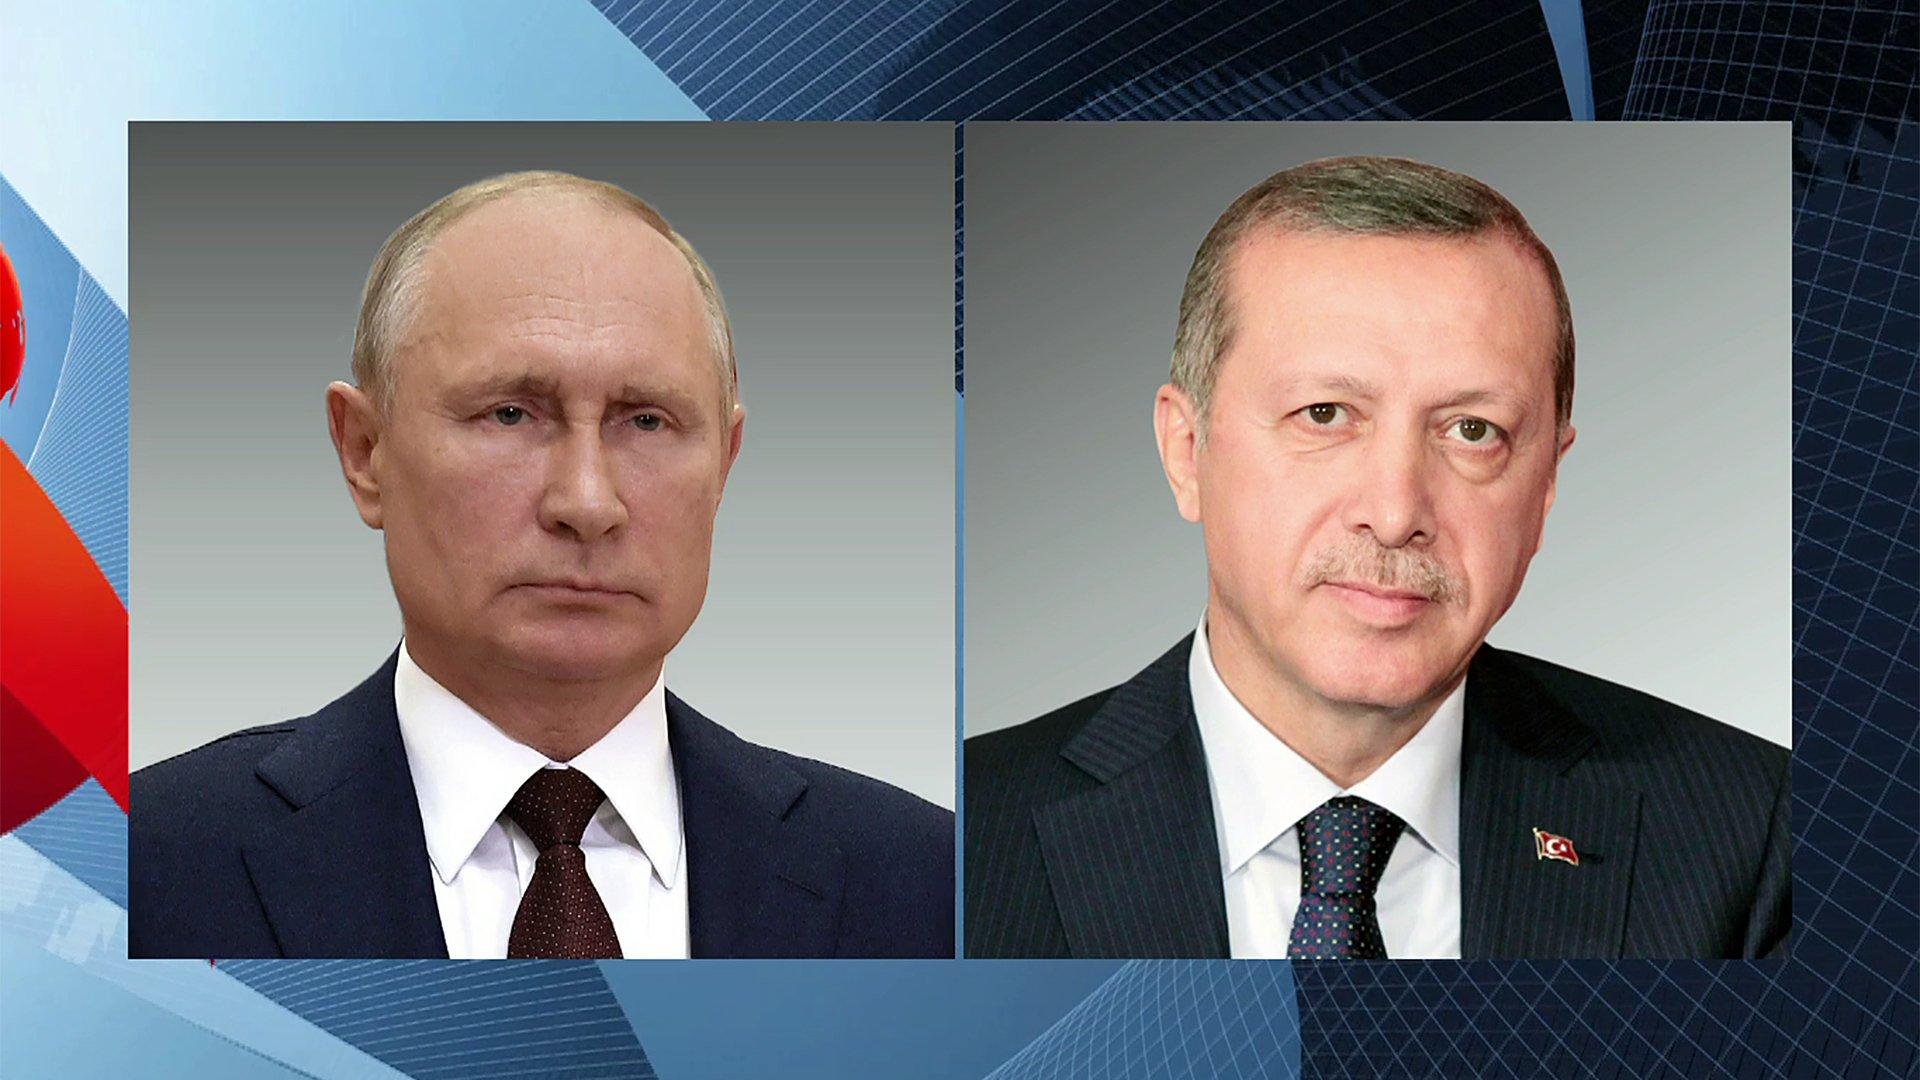 Владимир Путин иРеджеп Тайип Эрдоган обсудили потелефону двустороннее сотрудничество России иТурции